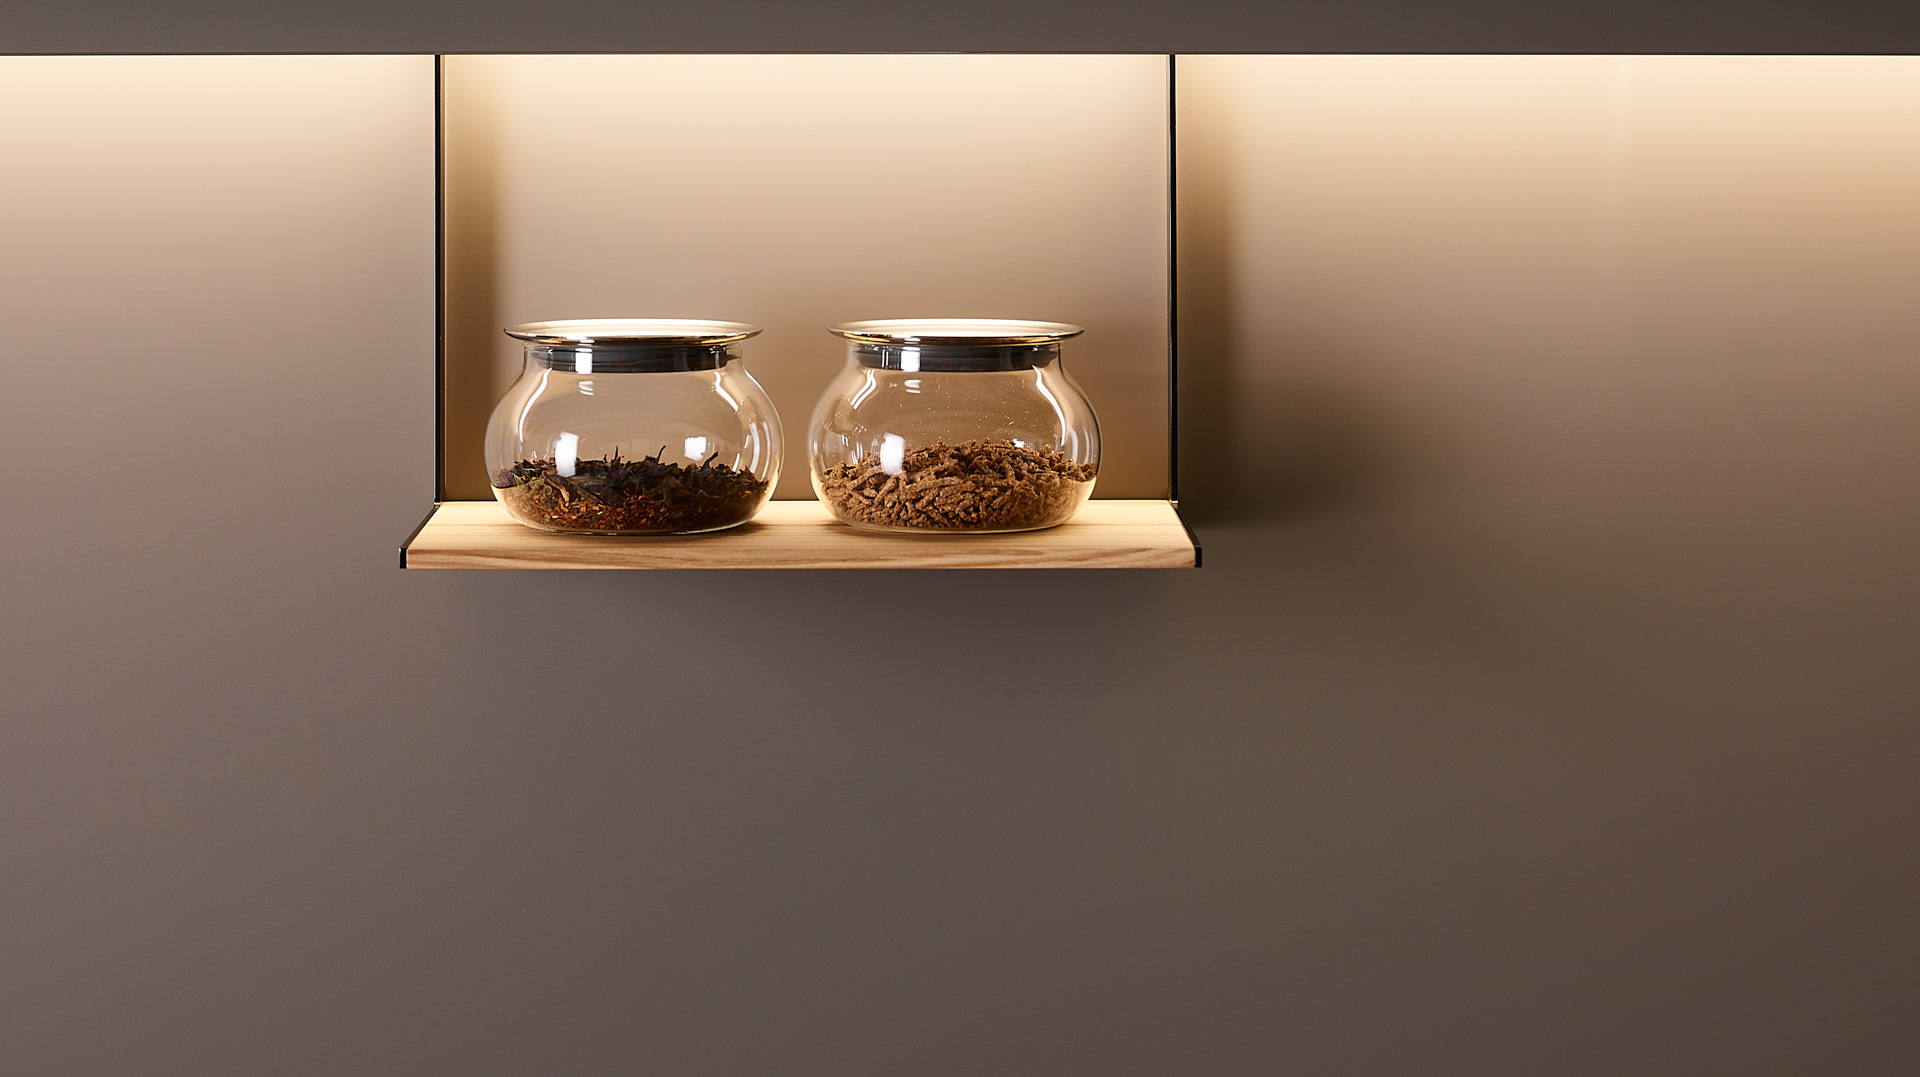 Estante multiusos en madera de fresno olivo. Accesorios Santiago Interiores